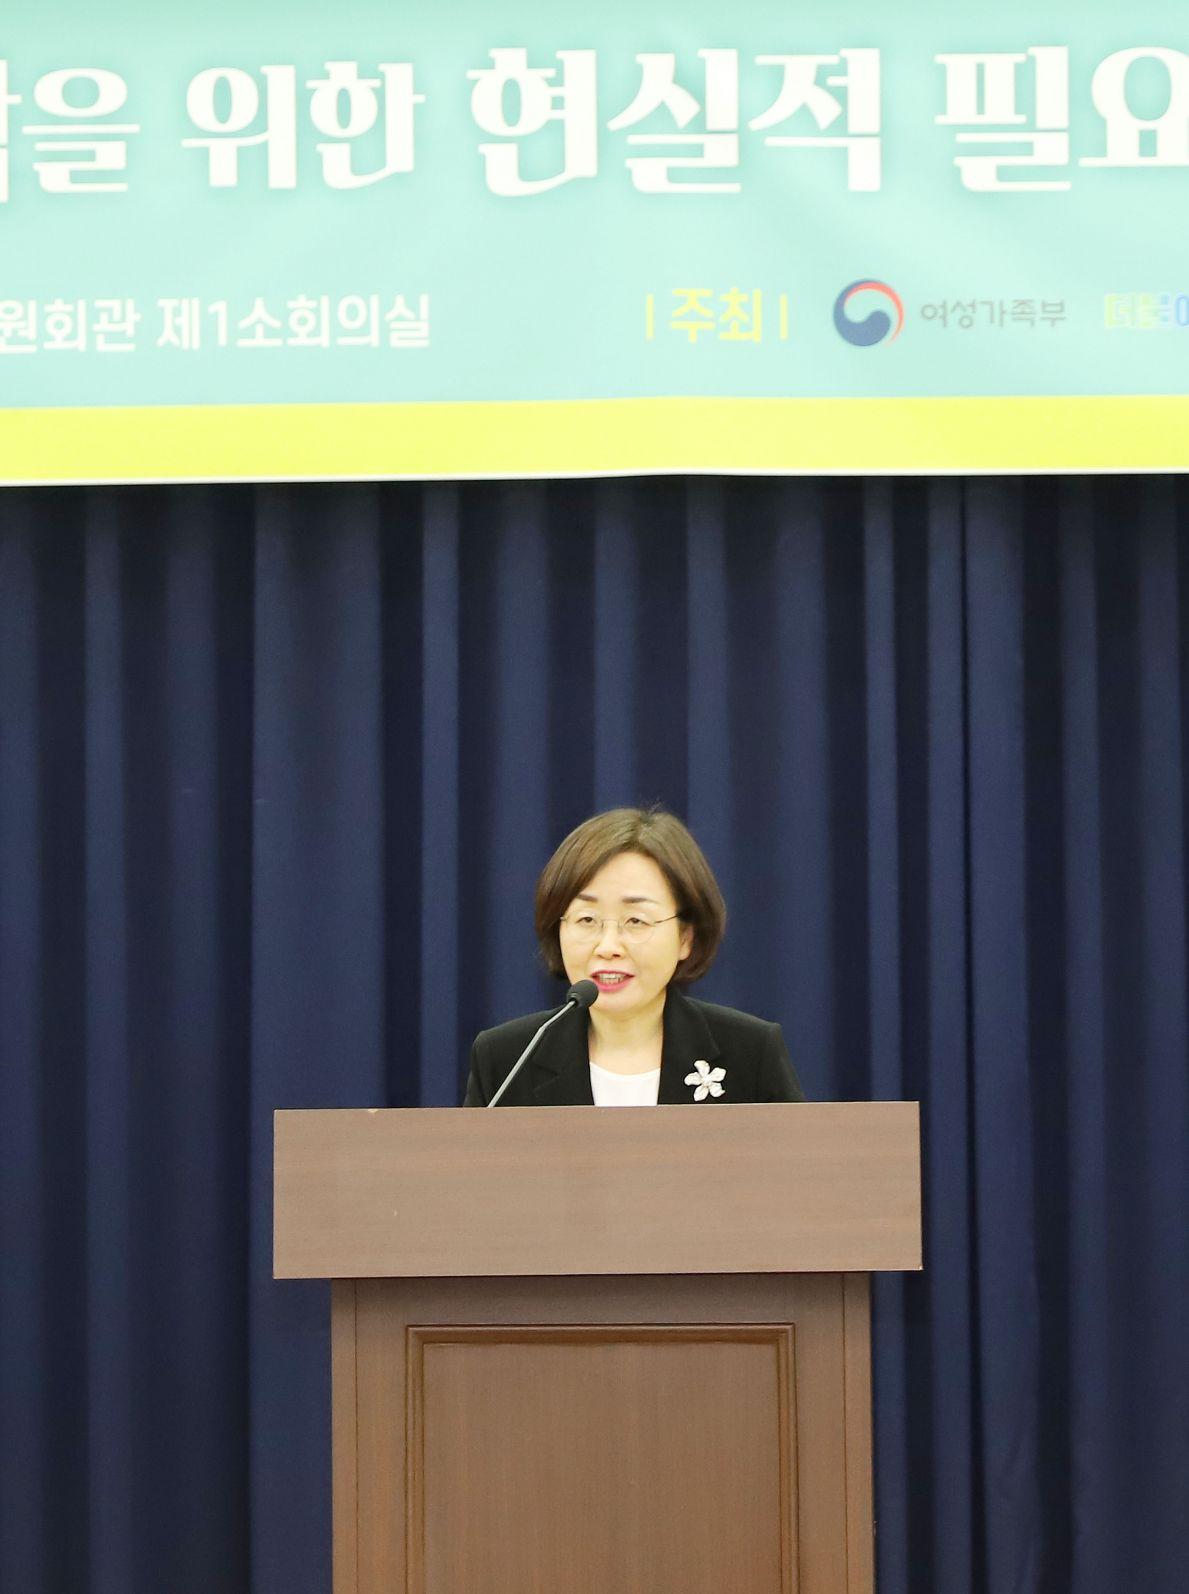 200630 여성이사제 성공적인 정착을 위한 현실적 필요사항과 제도적 개선안 (2).JPG